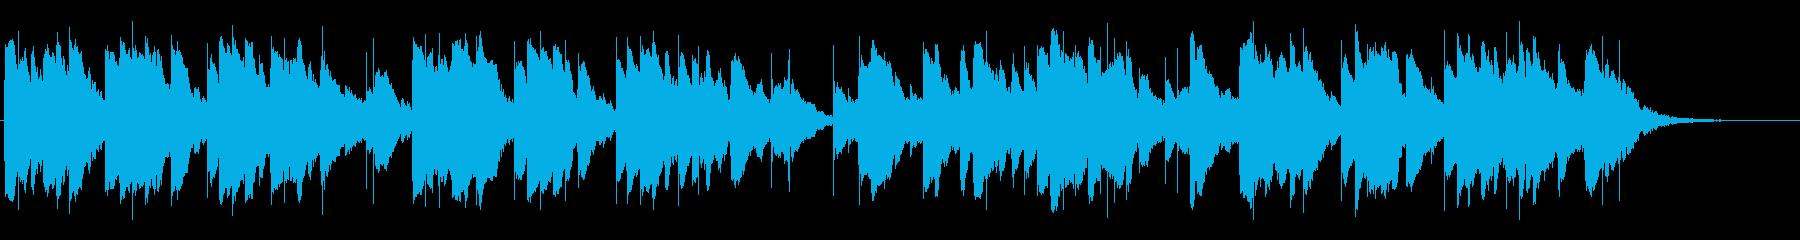 しっとりと切ないオルゴール曲の再生済みの波形